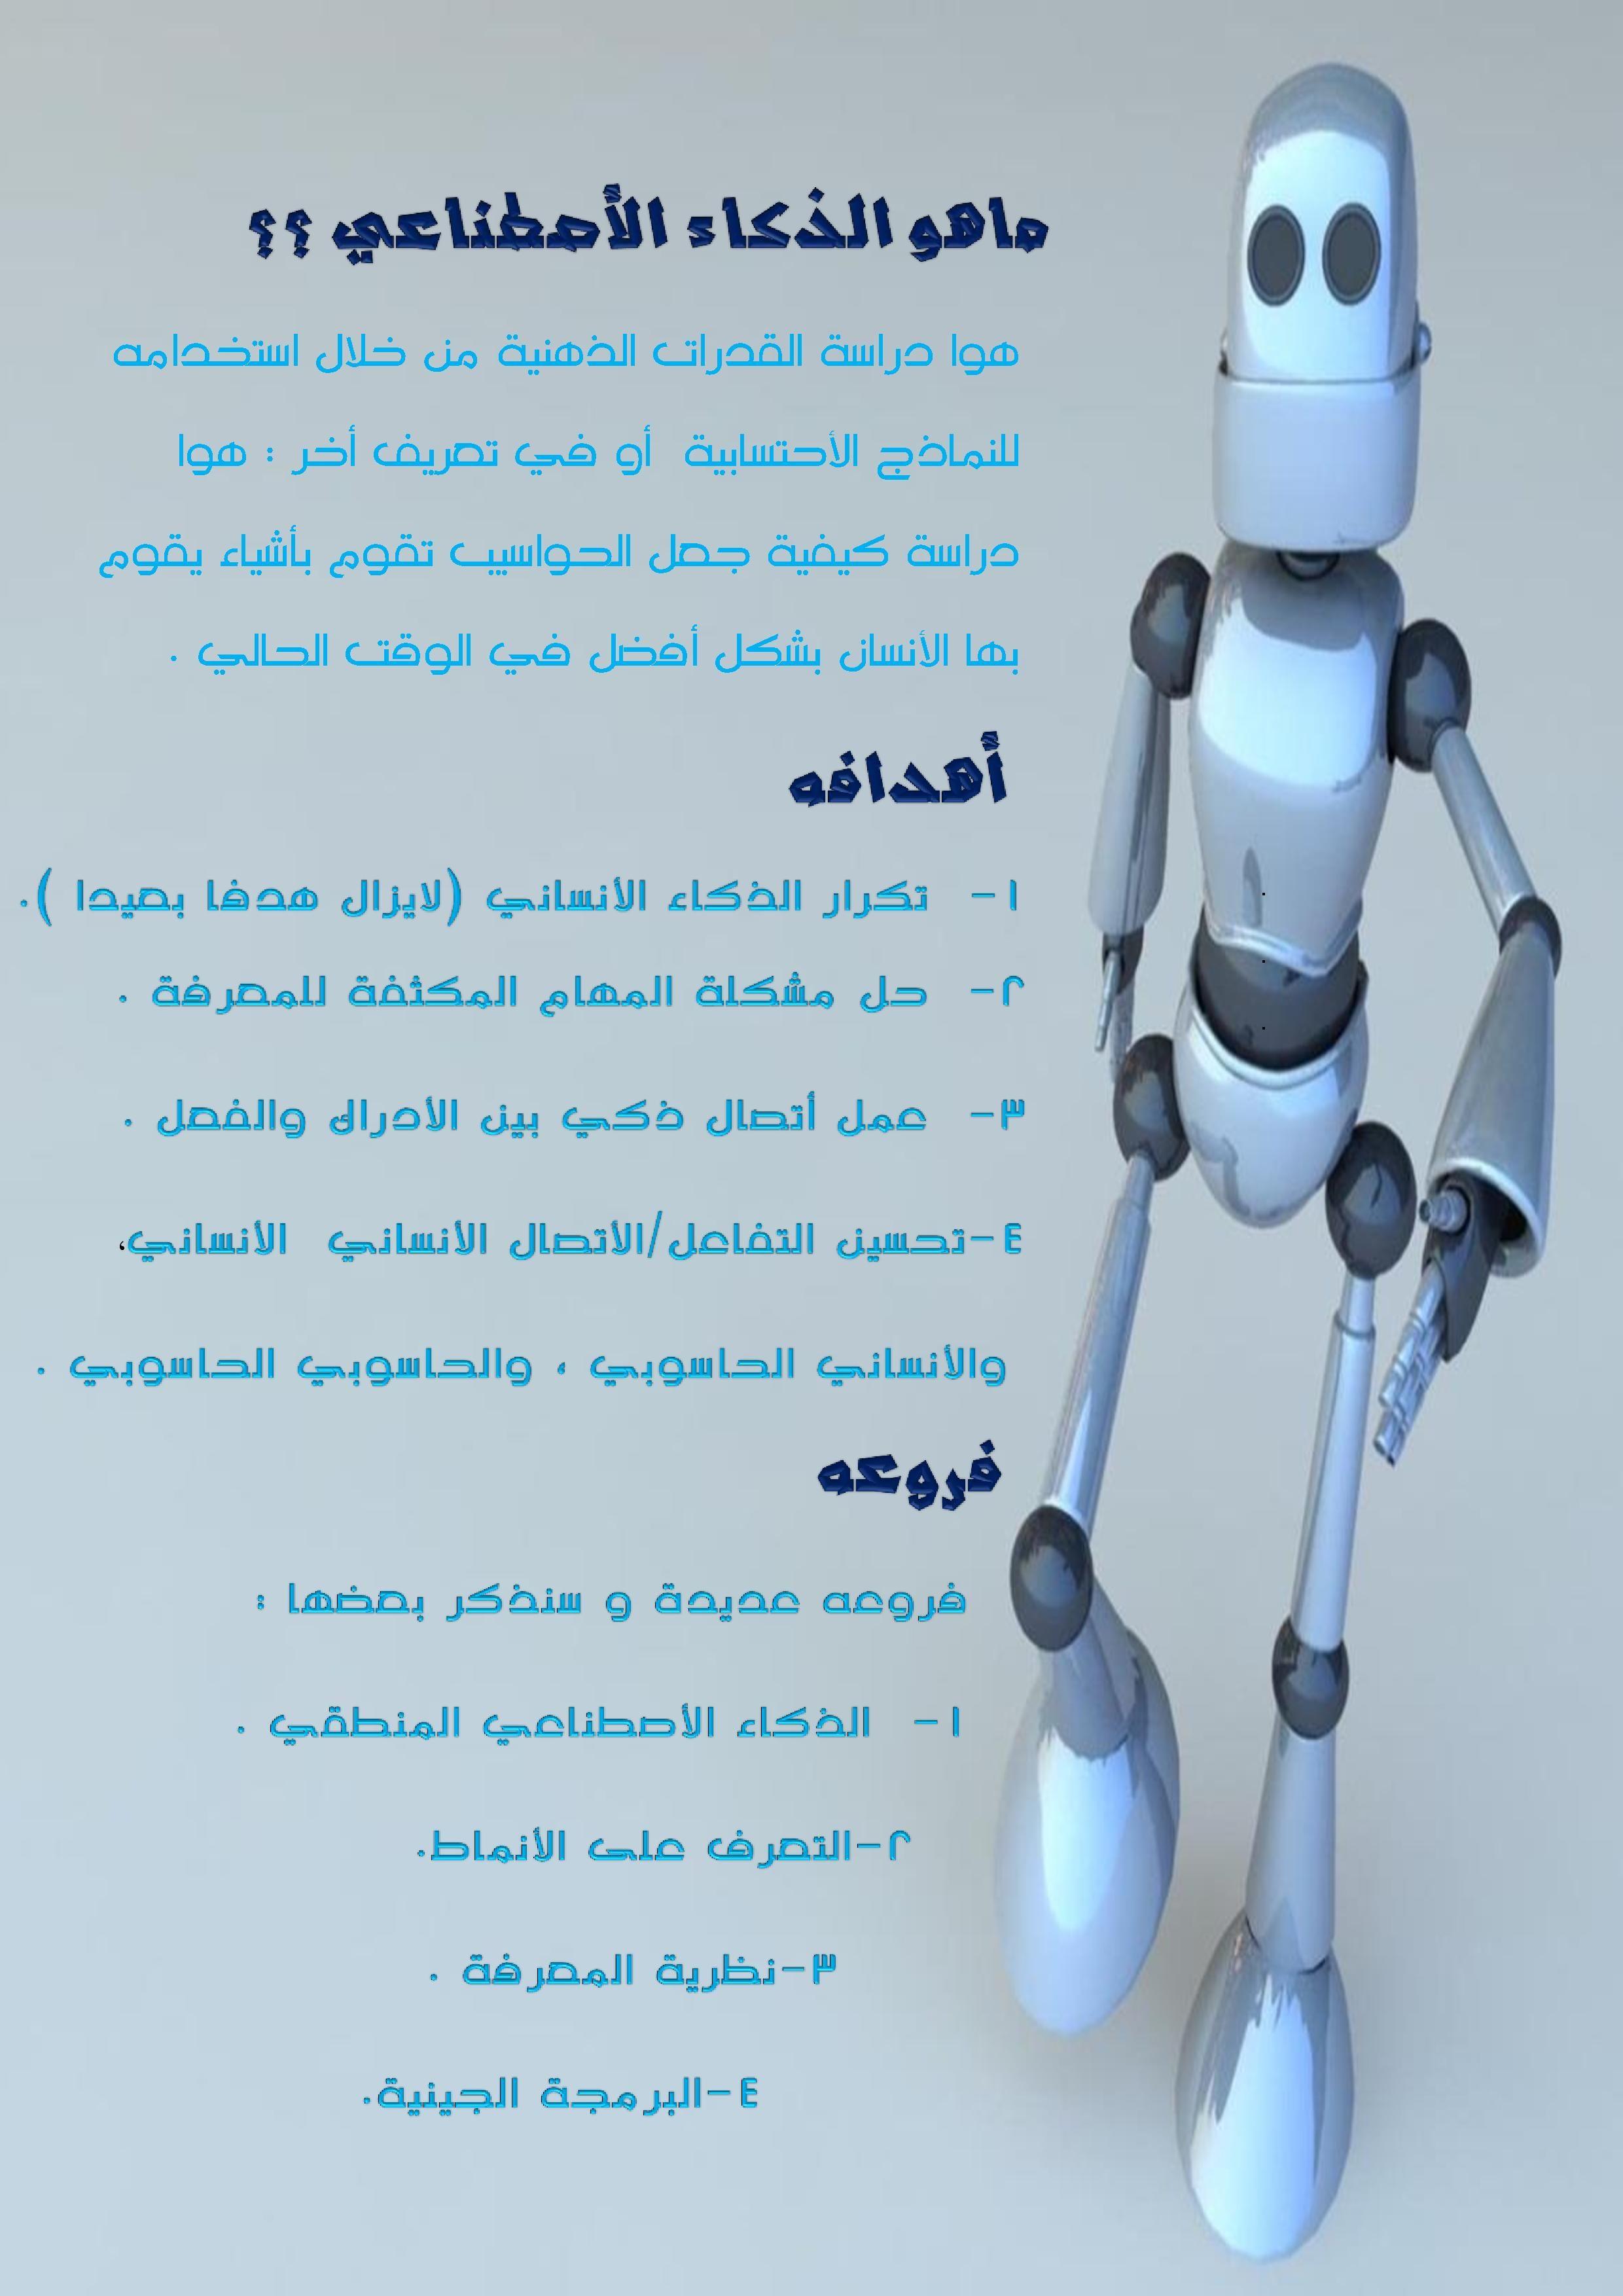 الذكاء الاصطناعي بهدف الى جعل الحاسوب قادرا على محاكاة قدرات الفرد العقلية والعملية Study Time